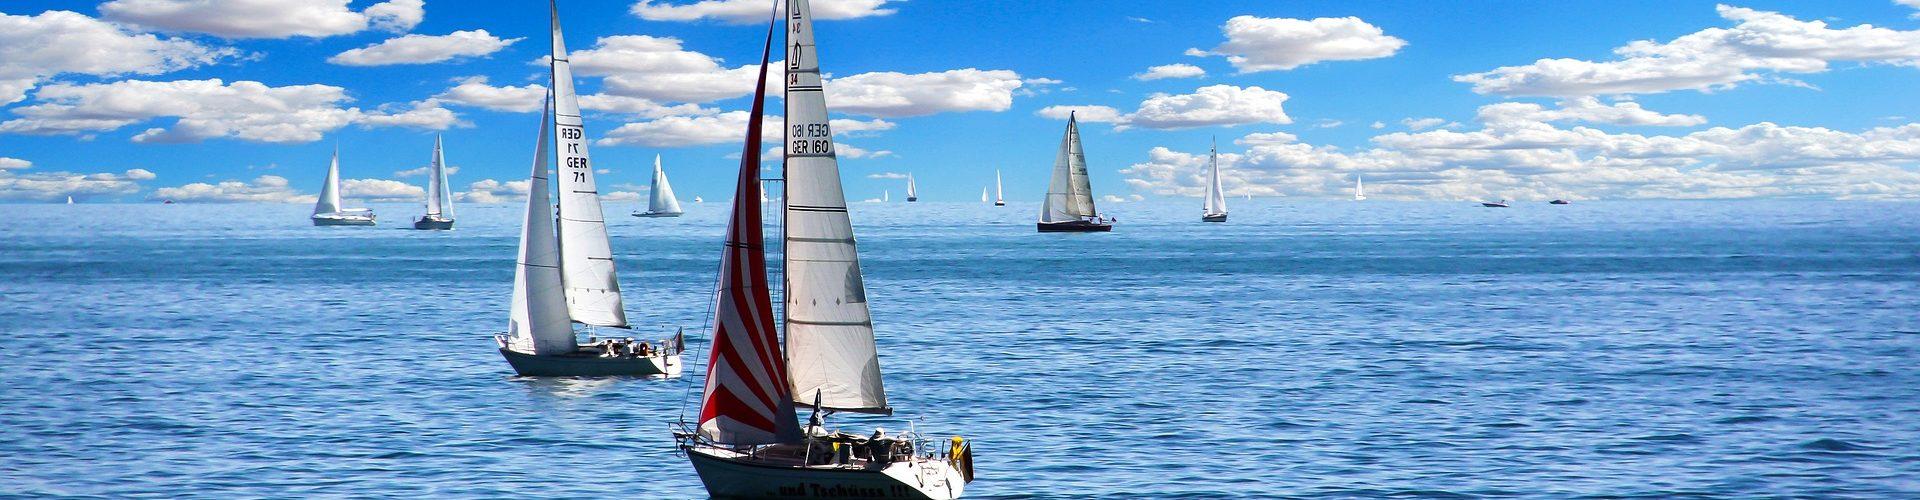 segeln lernen in Bad Aibling segelschein machen in Bad Aibling 1920x500 - Segeln lernen in Bad Aibling